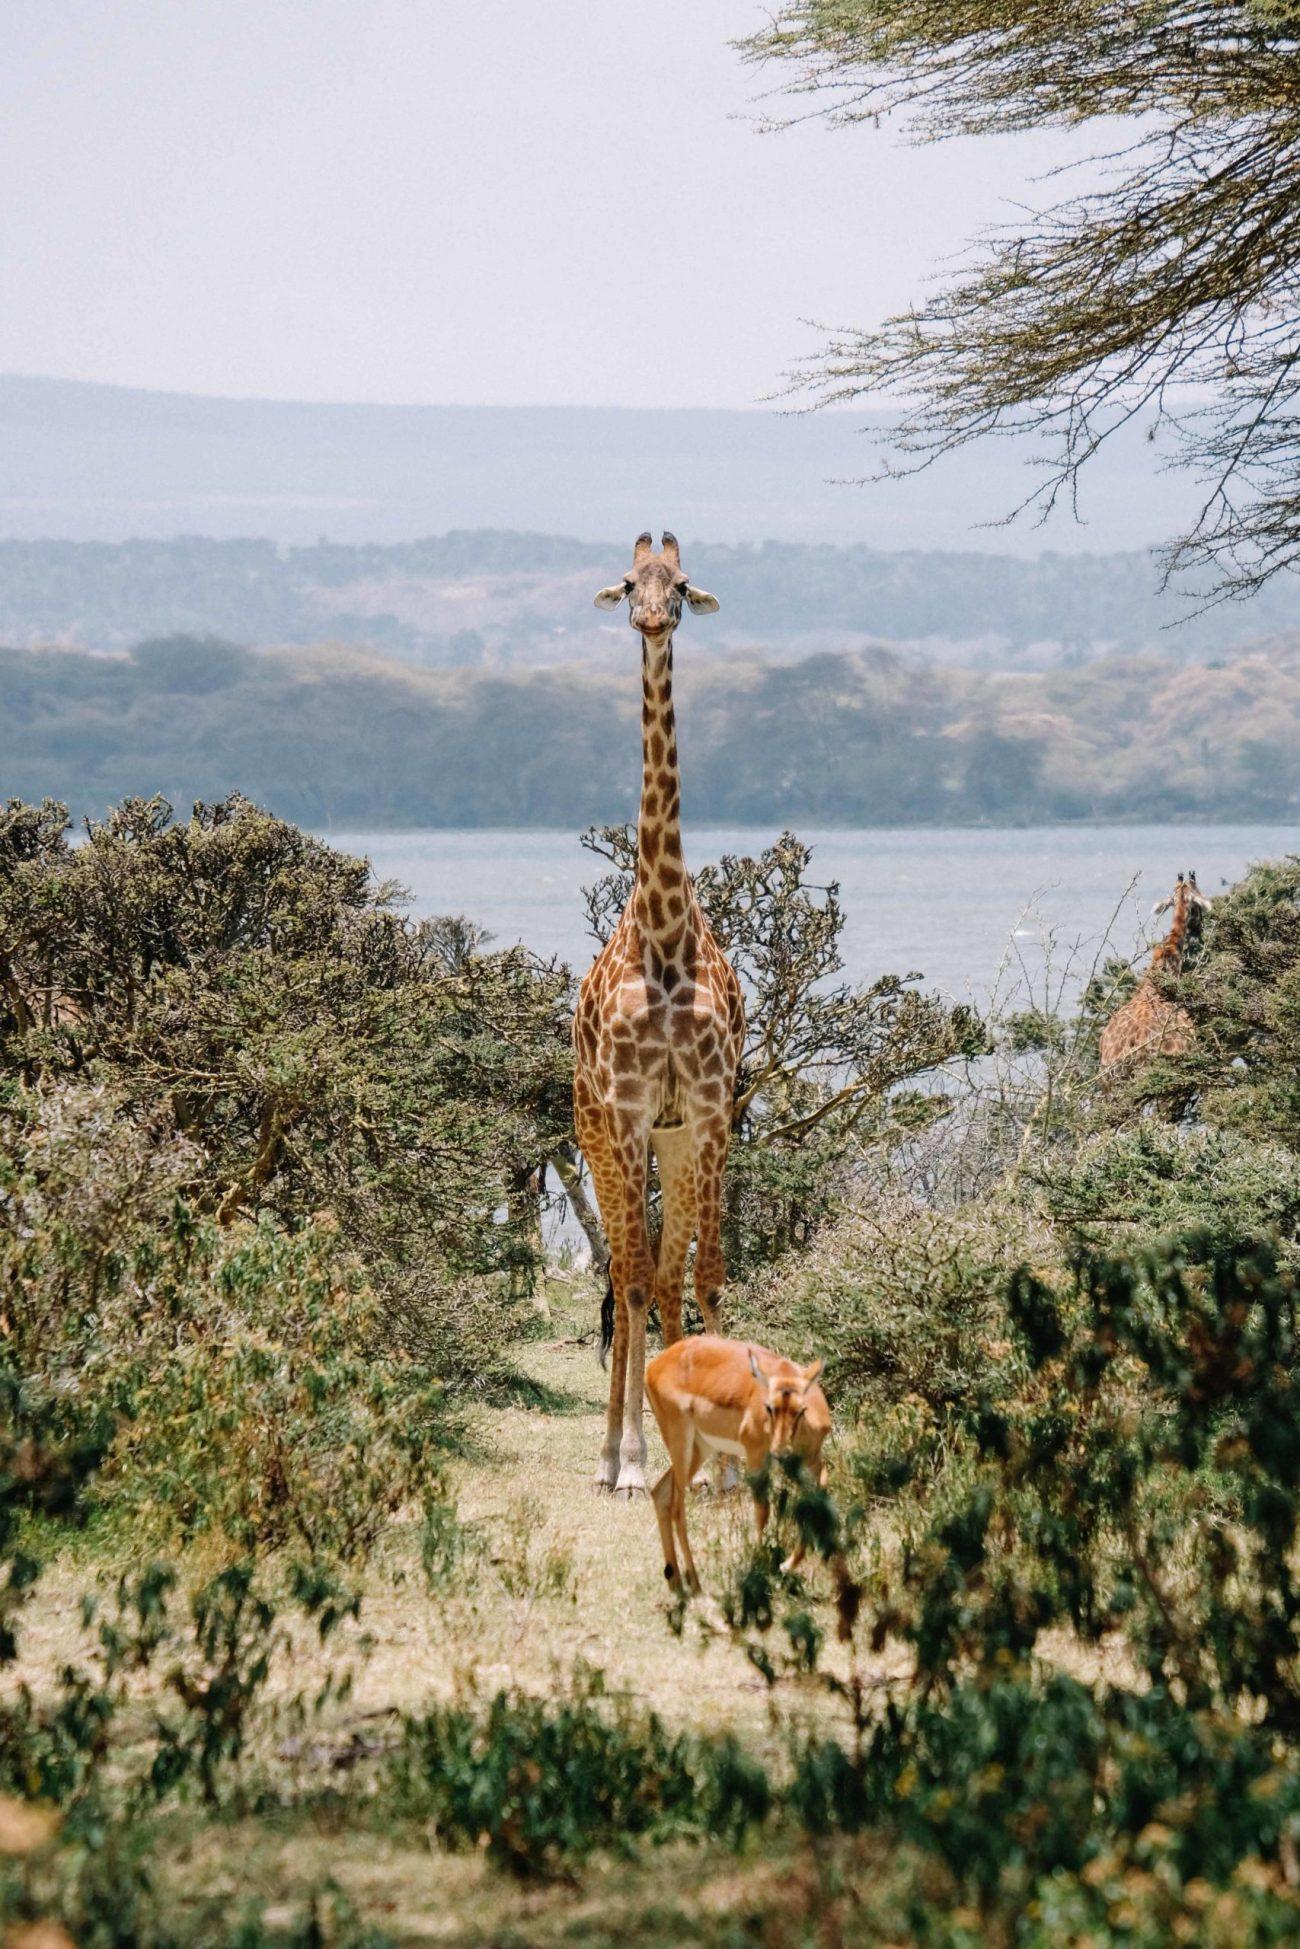 voyage au kenya, naivasha